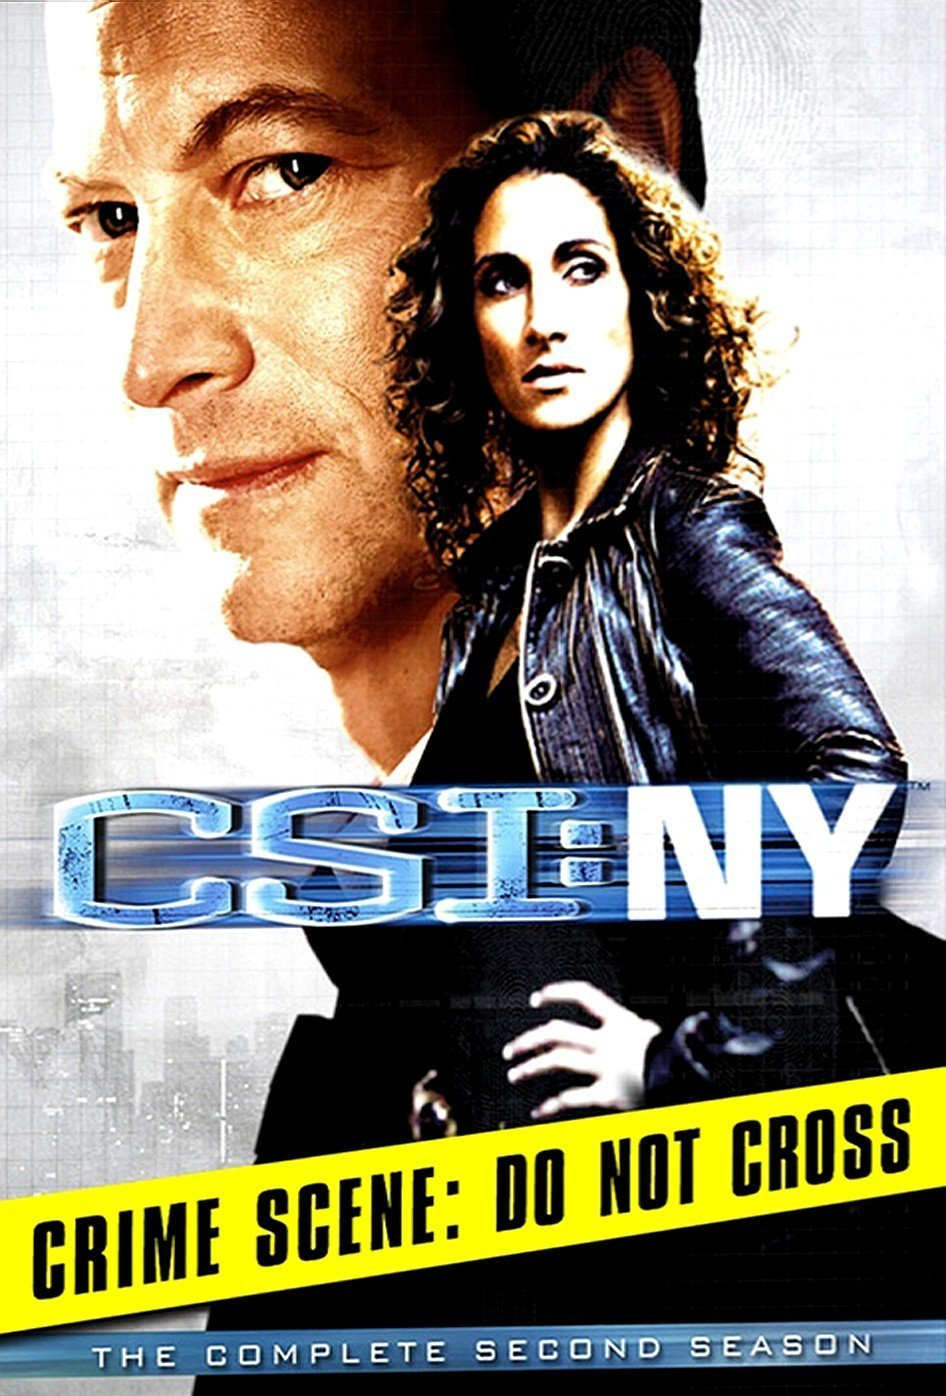 CSI:NY posters - CSI:NY Fan Art (21837148 ...